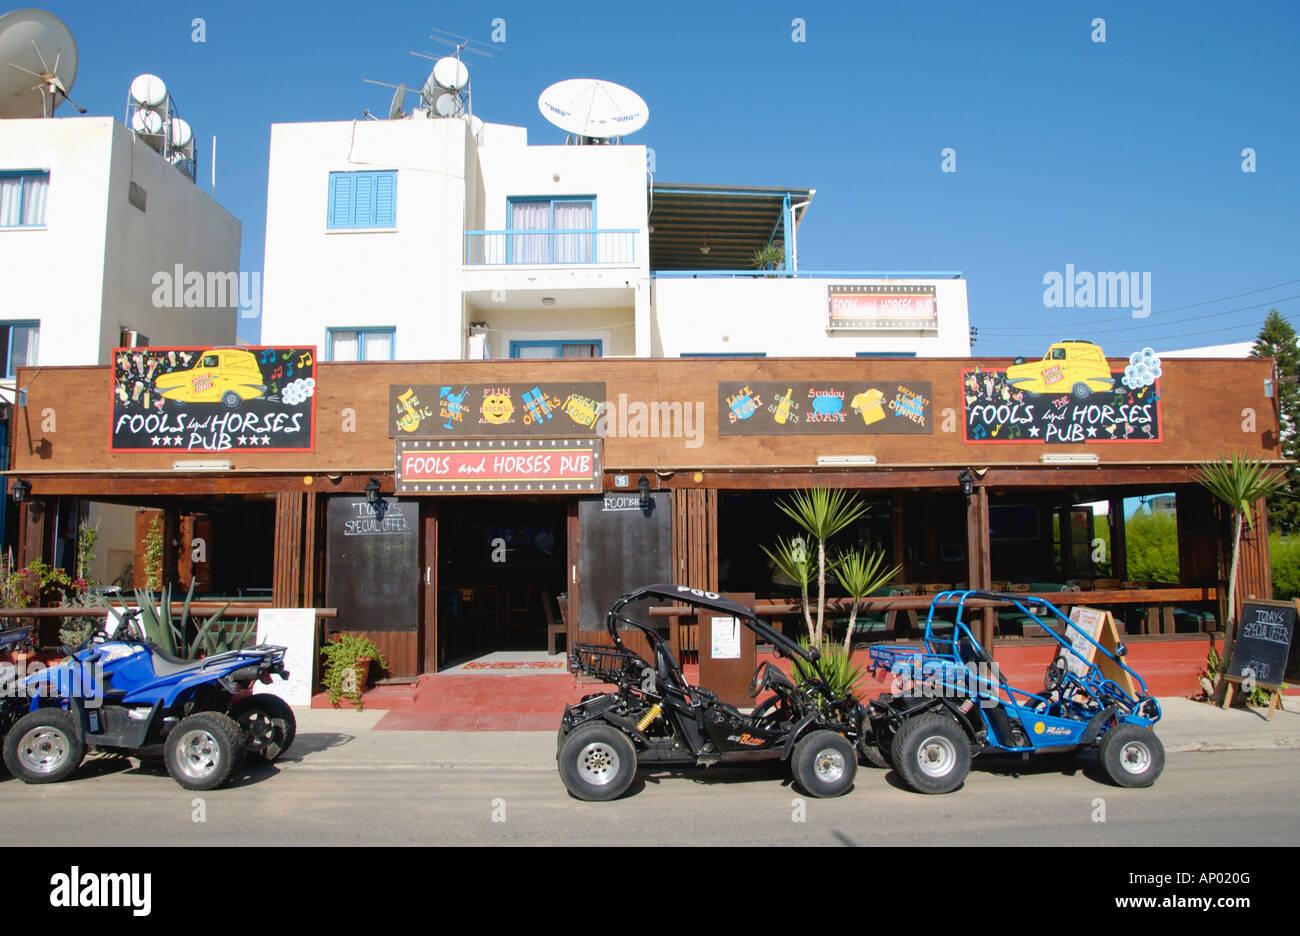 Narren und Pferde PUB in Pernera auf der Mittelmeer Insel Zypern EU mit Quads mieten außerhalb Stockbild